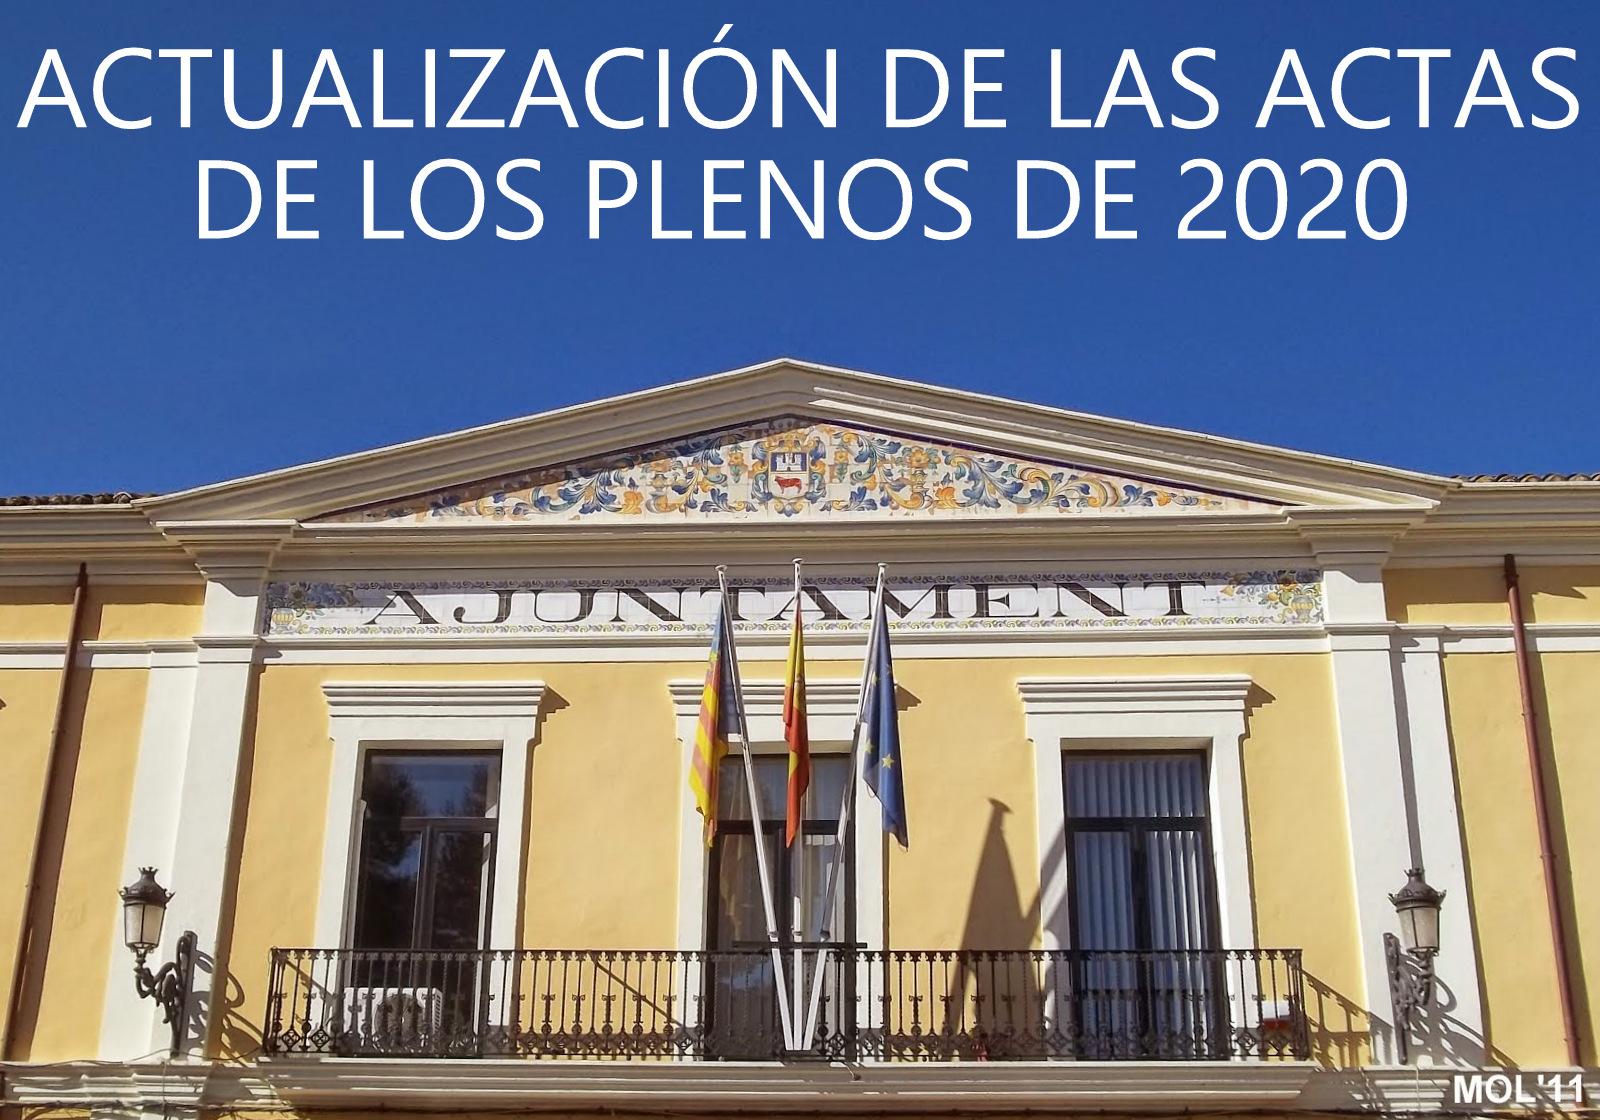 ACTUALIZACIÓN DE LAS ACTAS DE LOS PLENOS CELEBRADOS EN 2020